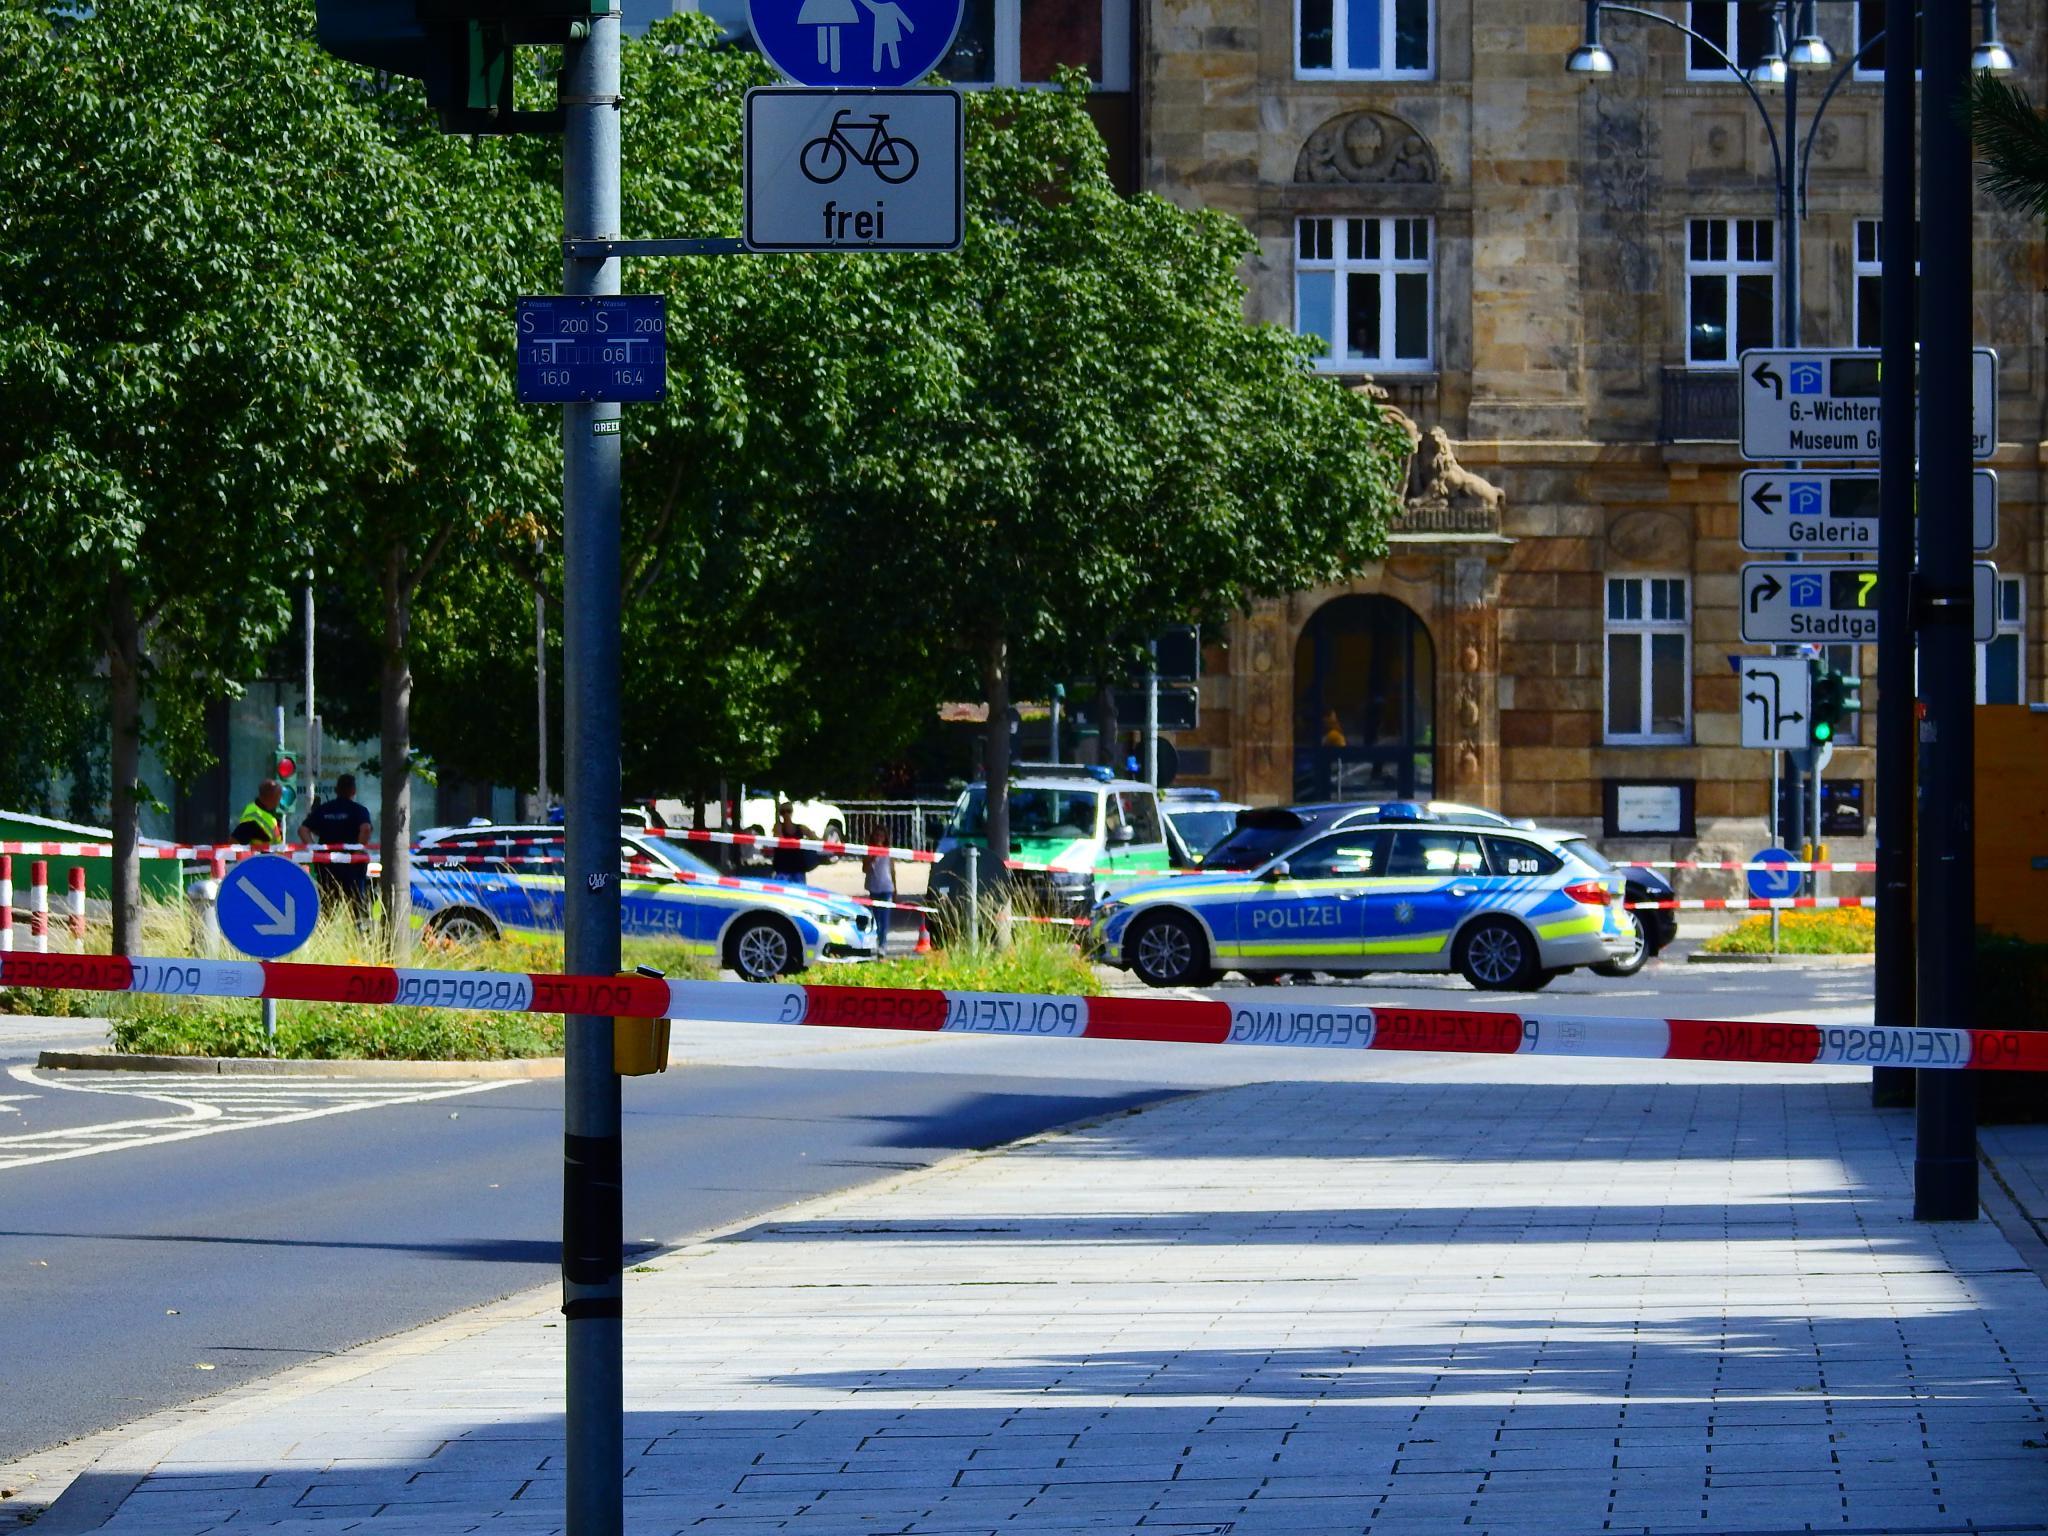 Die Polizei sperrte das Areal um das Gerichtsgebäude großräumig ab. Foto: Dirk Flieger